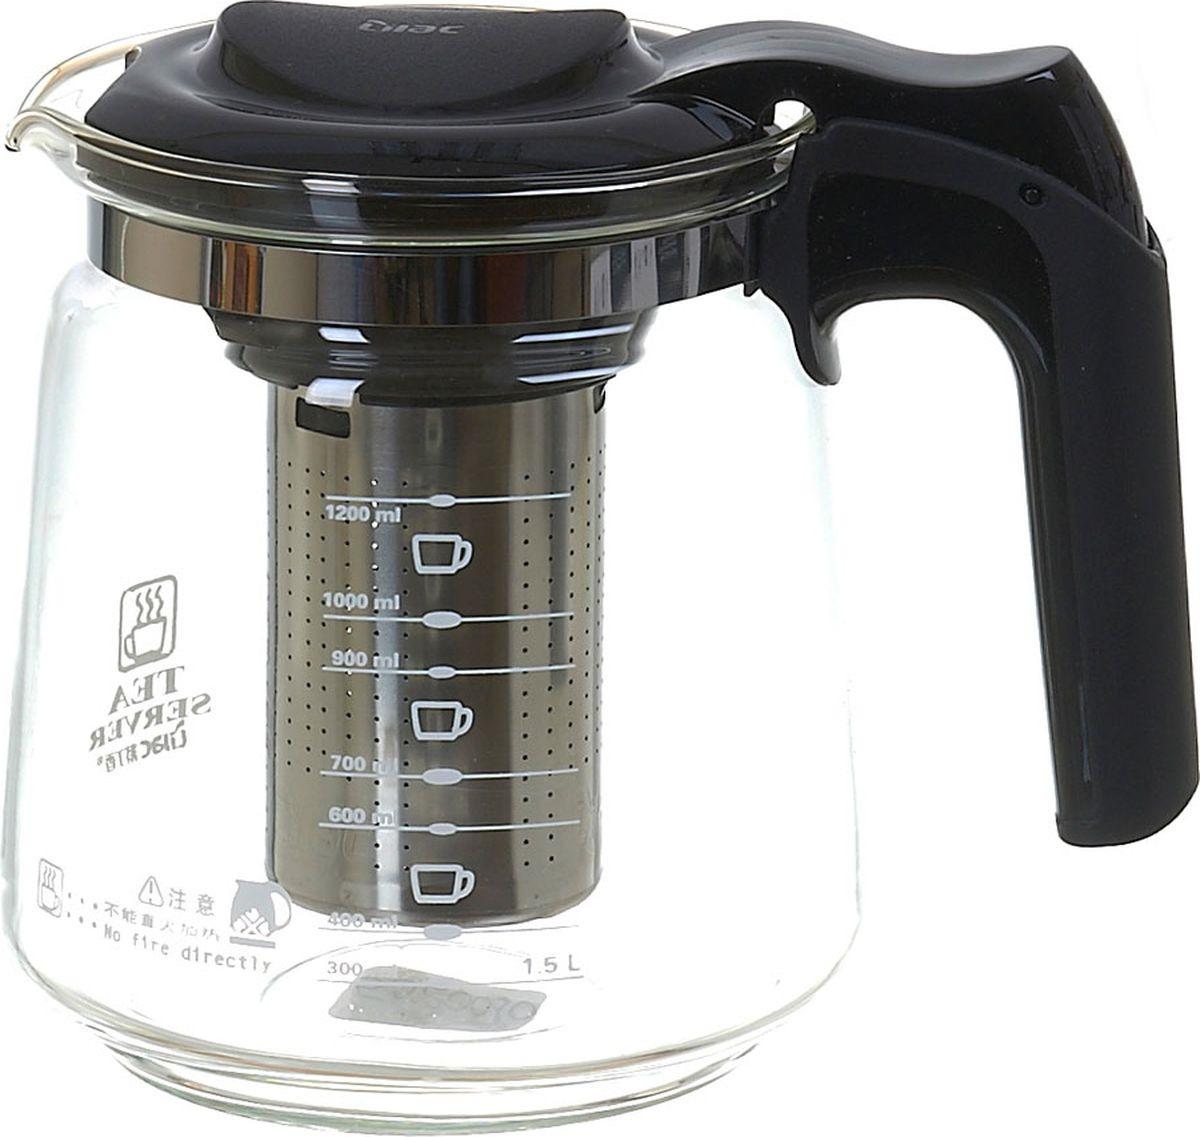 Чайник заварочный Lilac, 5520010-1, прозрачный, черный, 1,5 л чайник заварочный lilac 5520010 1 прозрачный черный 1 5 л